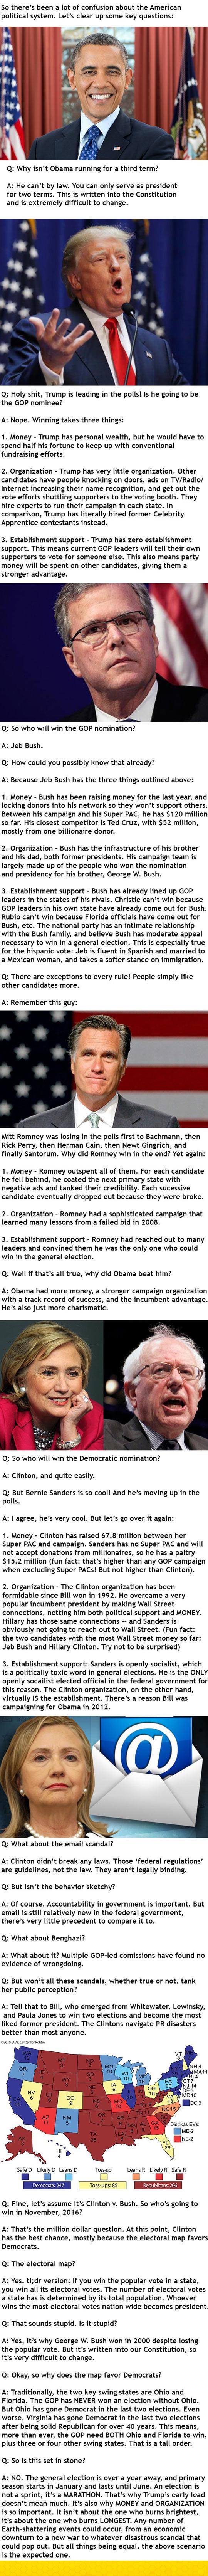 cool-Trump-vs-Clinton-elections-USA